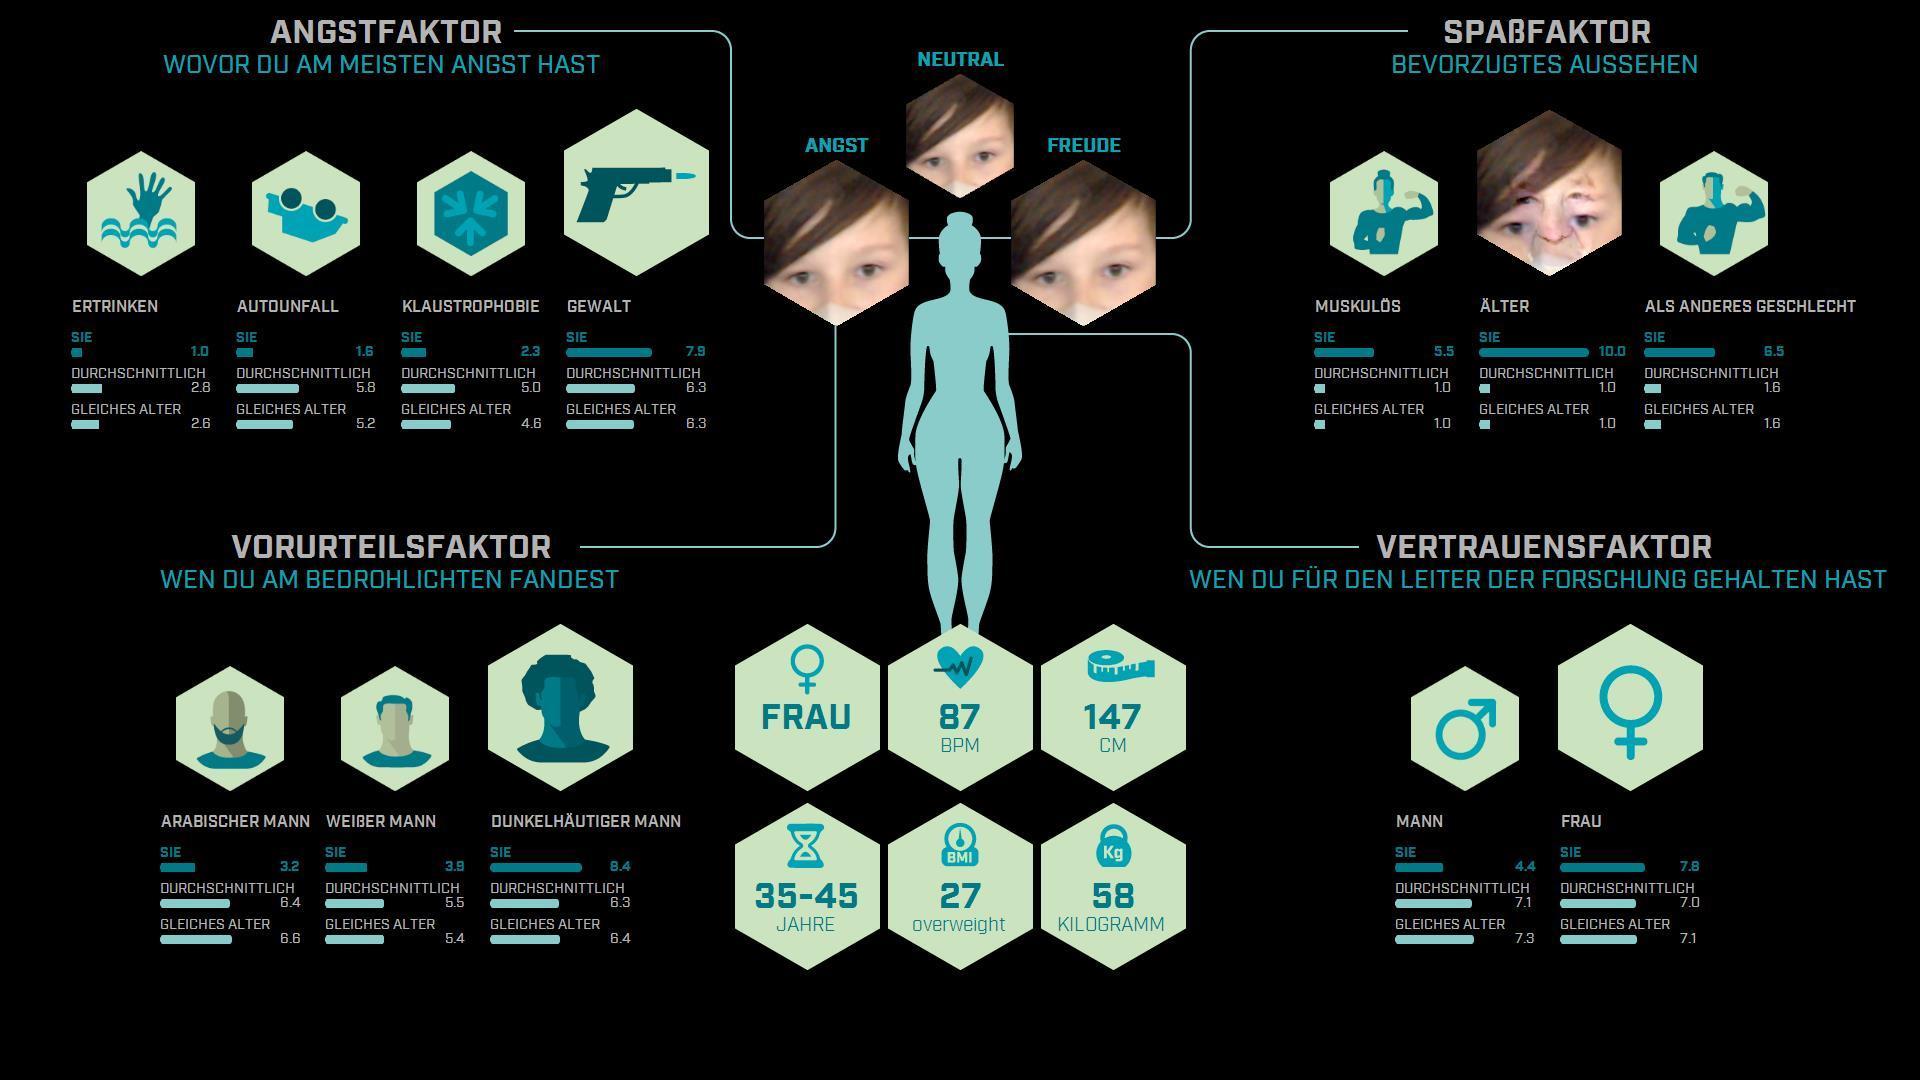 Profile thomas